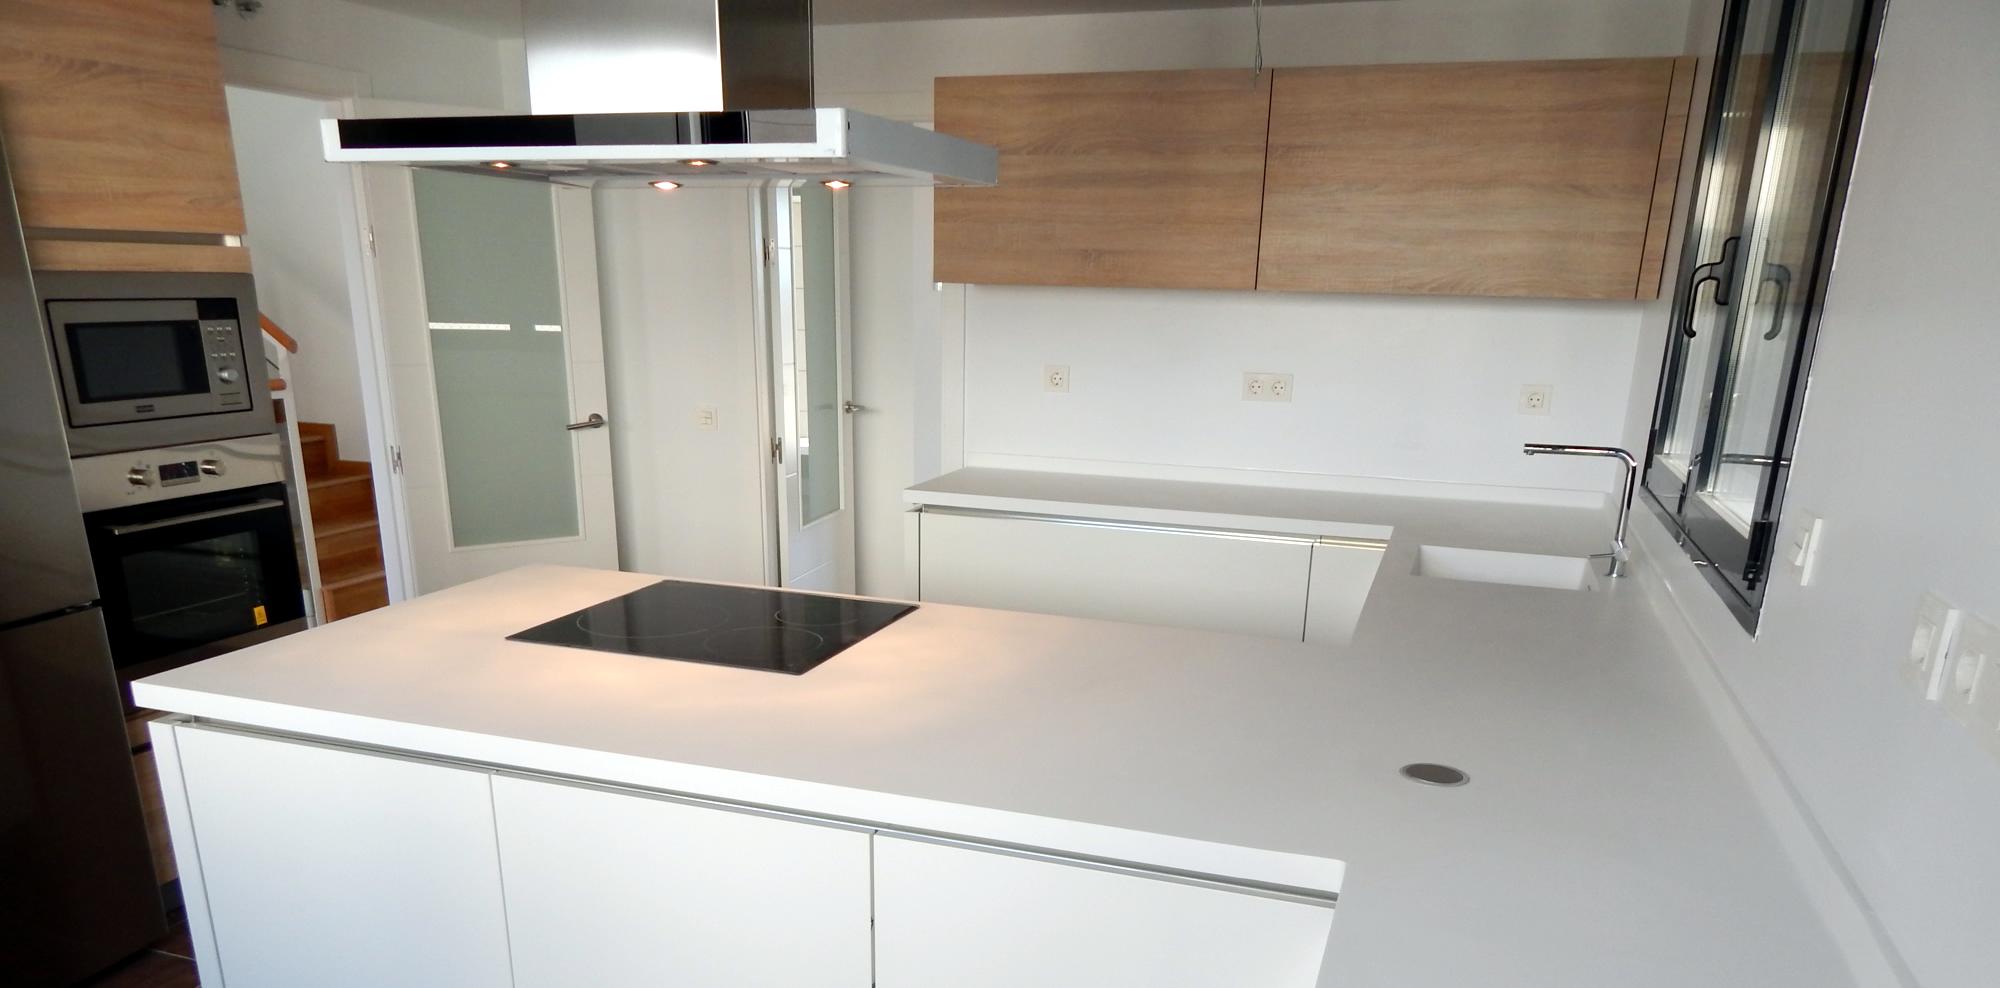 Muebles de cocina dise o en blanco - Muebles cocina blanco ...